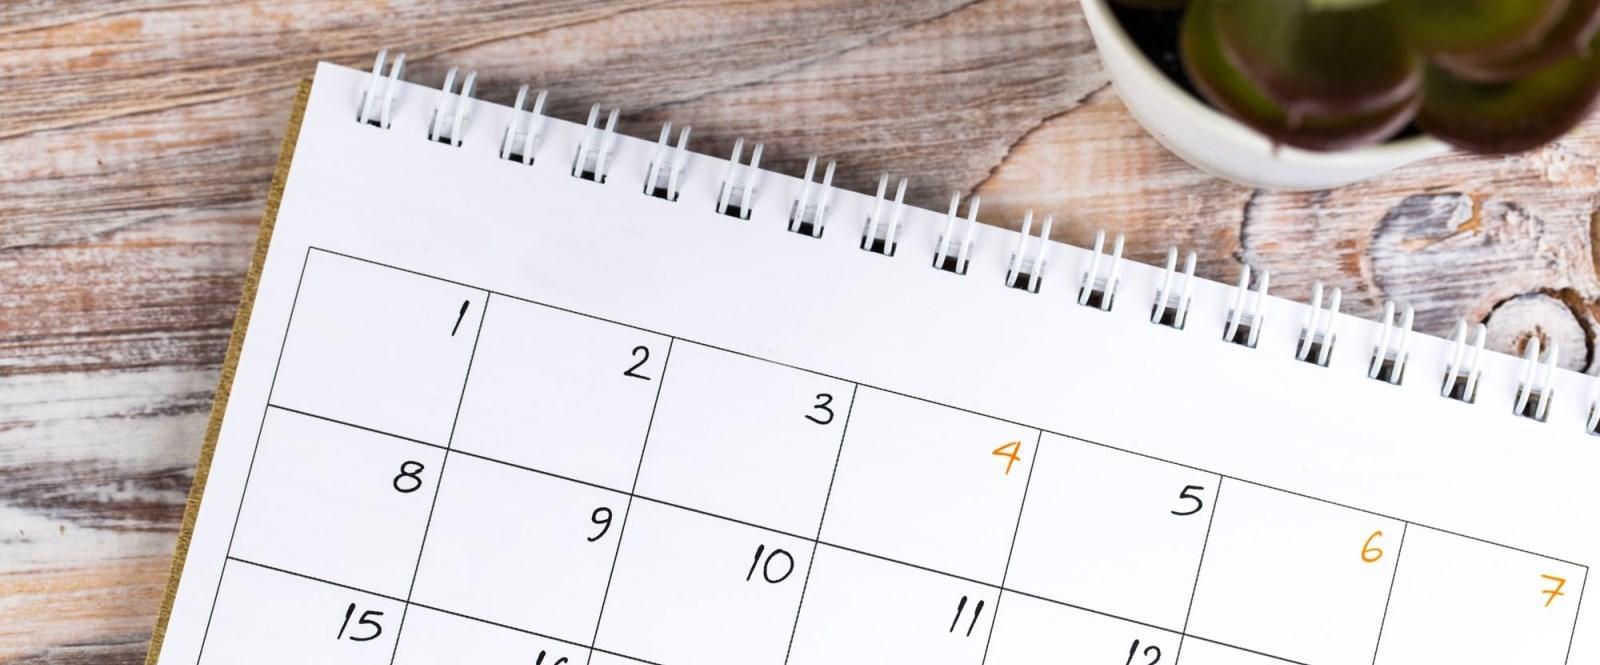 blank calendar on desk